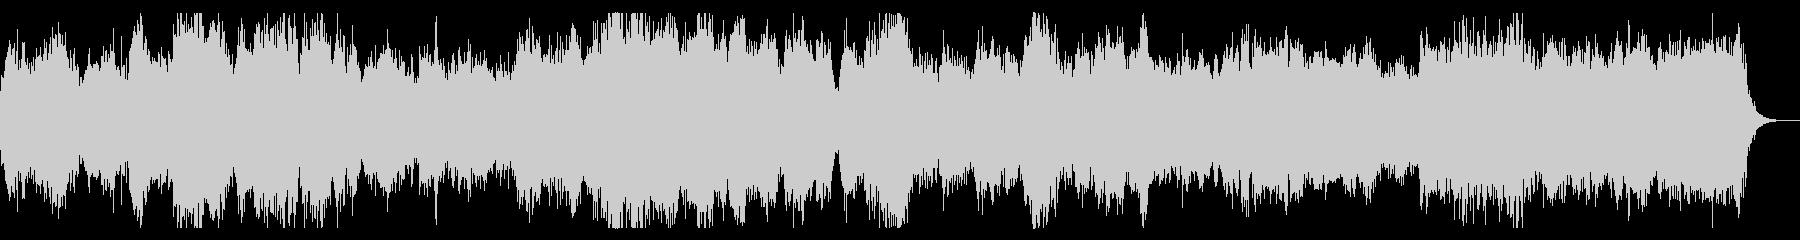 ダークファンタジー系 合唱とオーケストラの未再生の波形